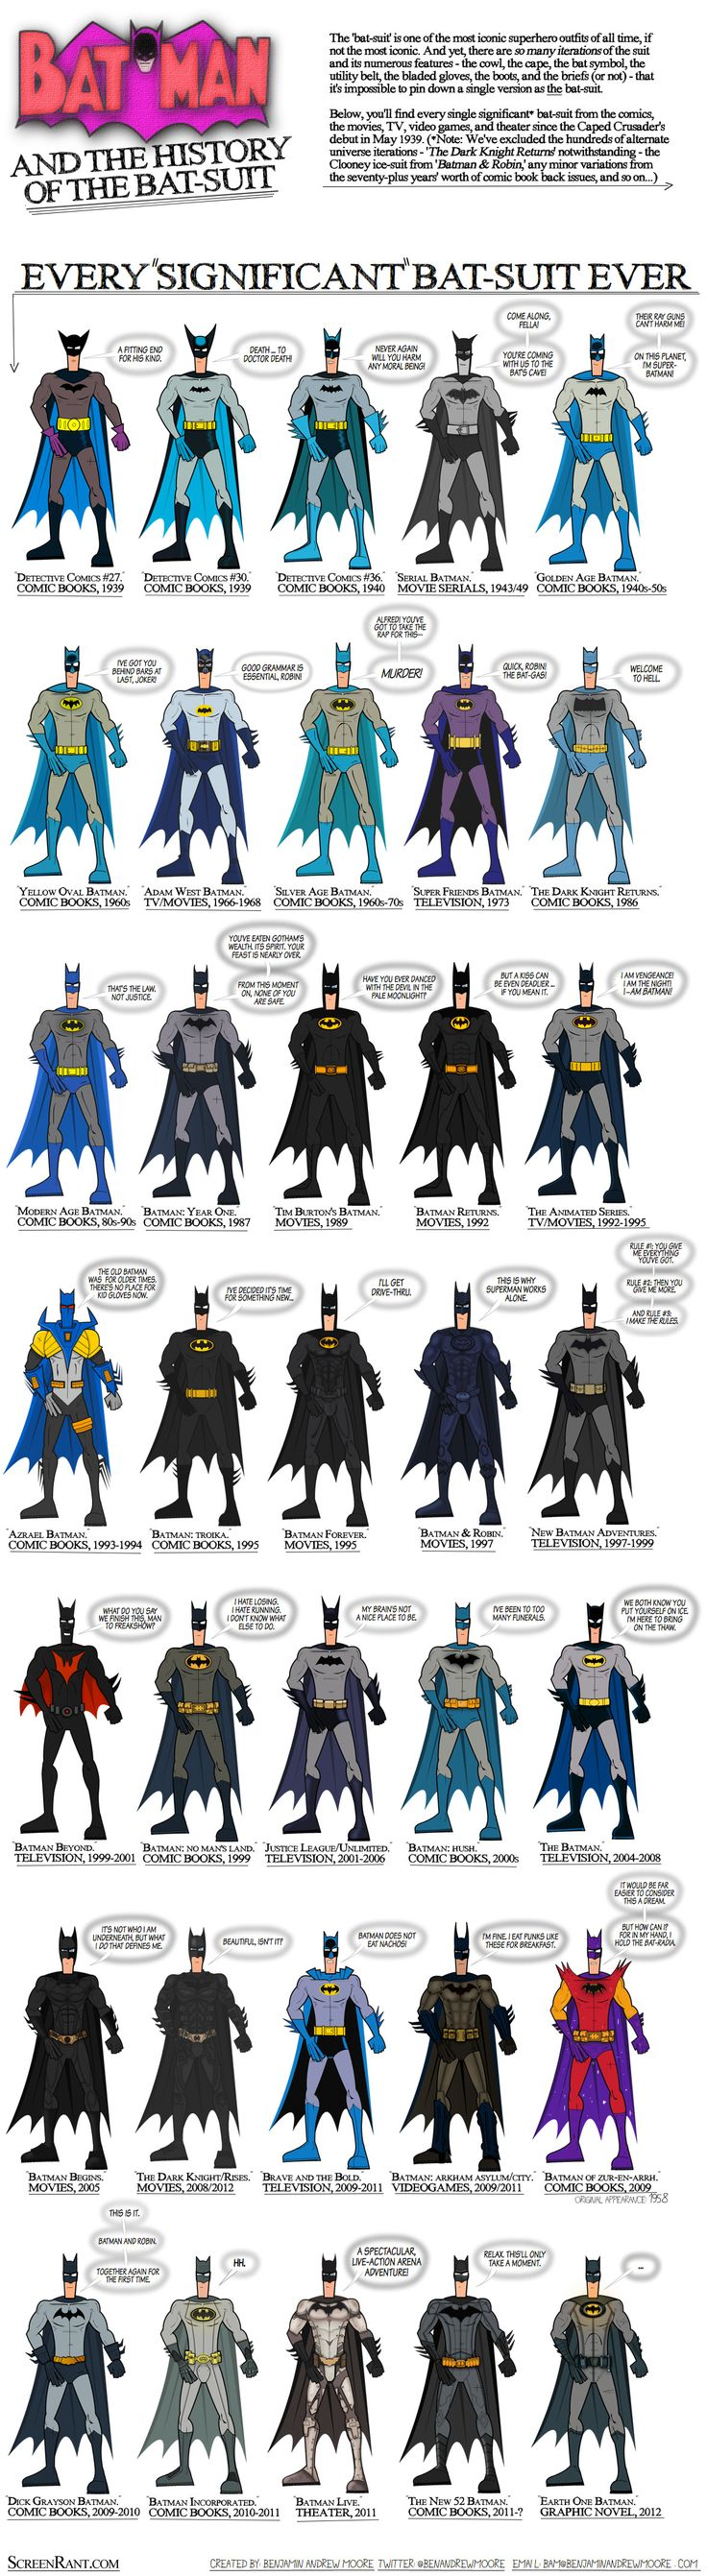 Todos uniformes do Batman   Nerd Pai - O Blog do Pai Nerd